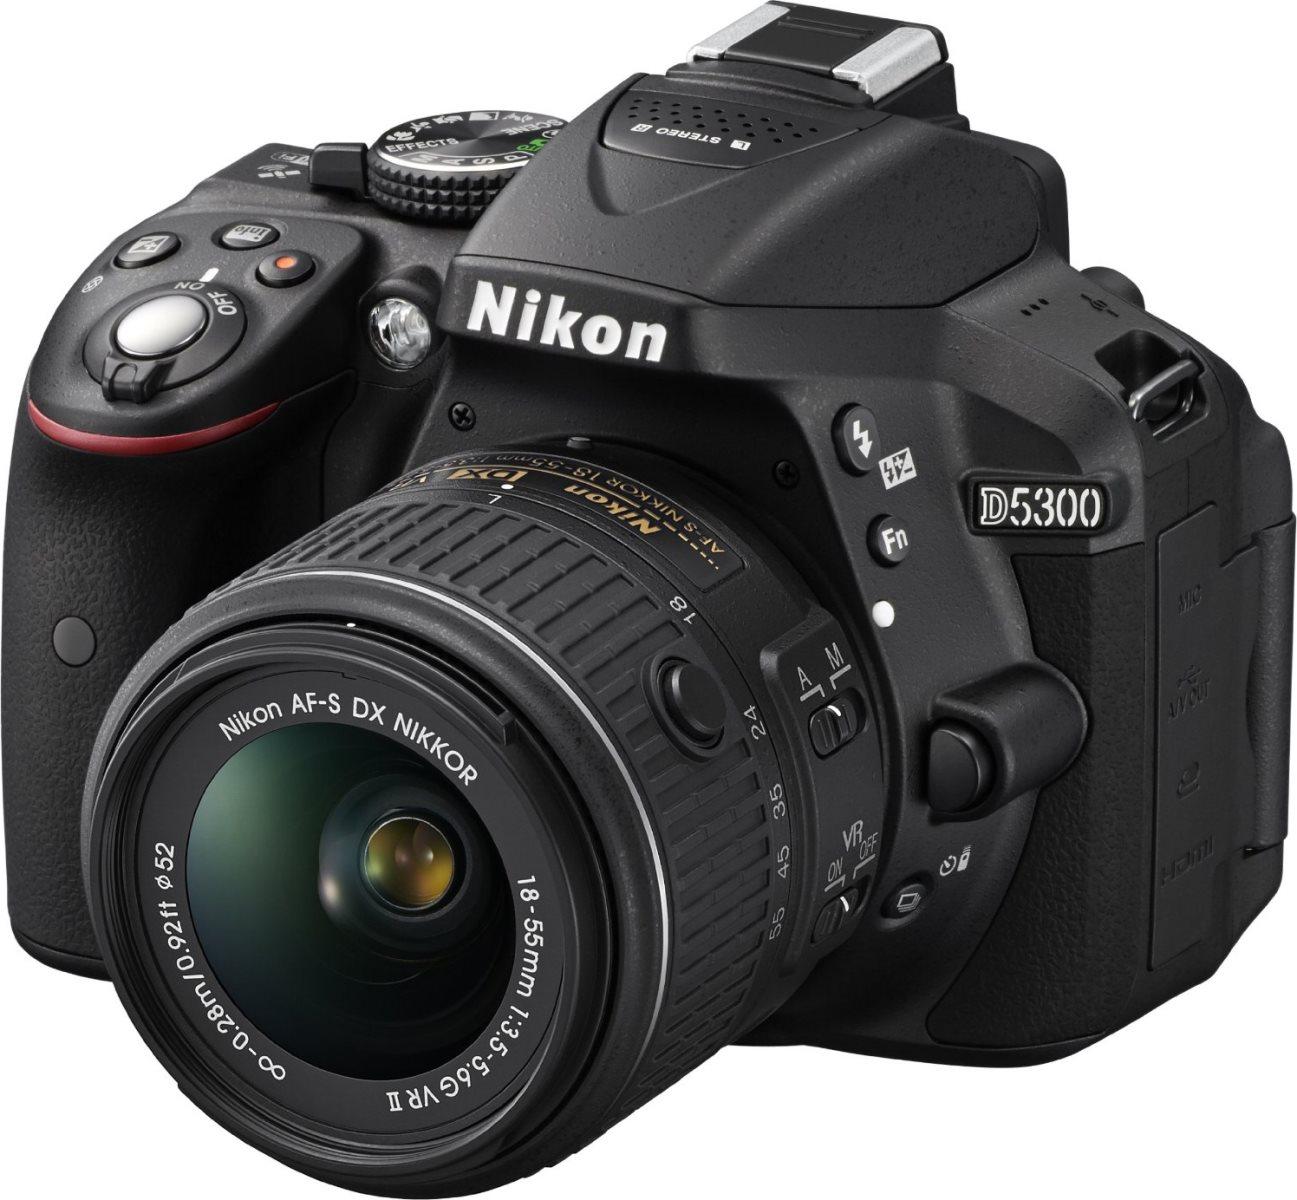 Fotocamera Reflex Digitale 24 Mpx Video Full HD CMOS Wifi D5300 + Obiettivo  AF-P 18-55 VR II + SD 8GB colore Nero - ND5345